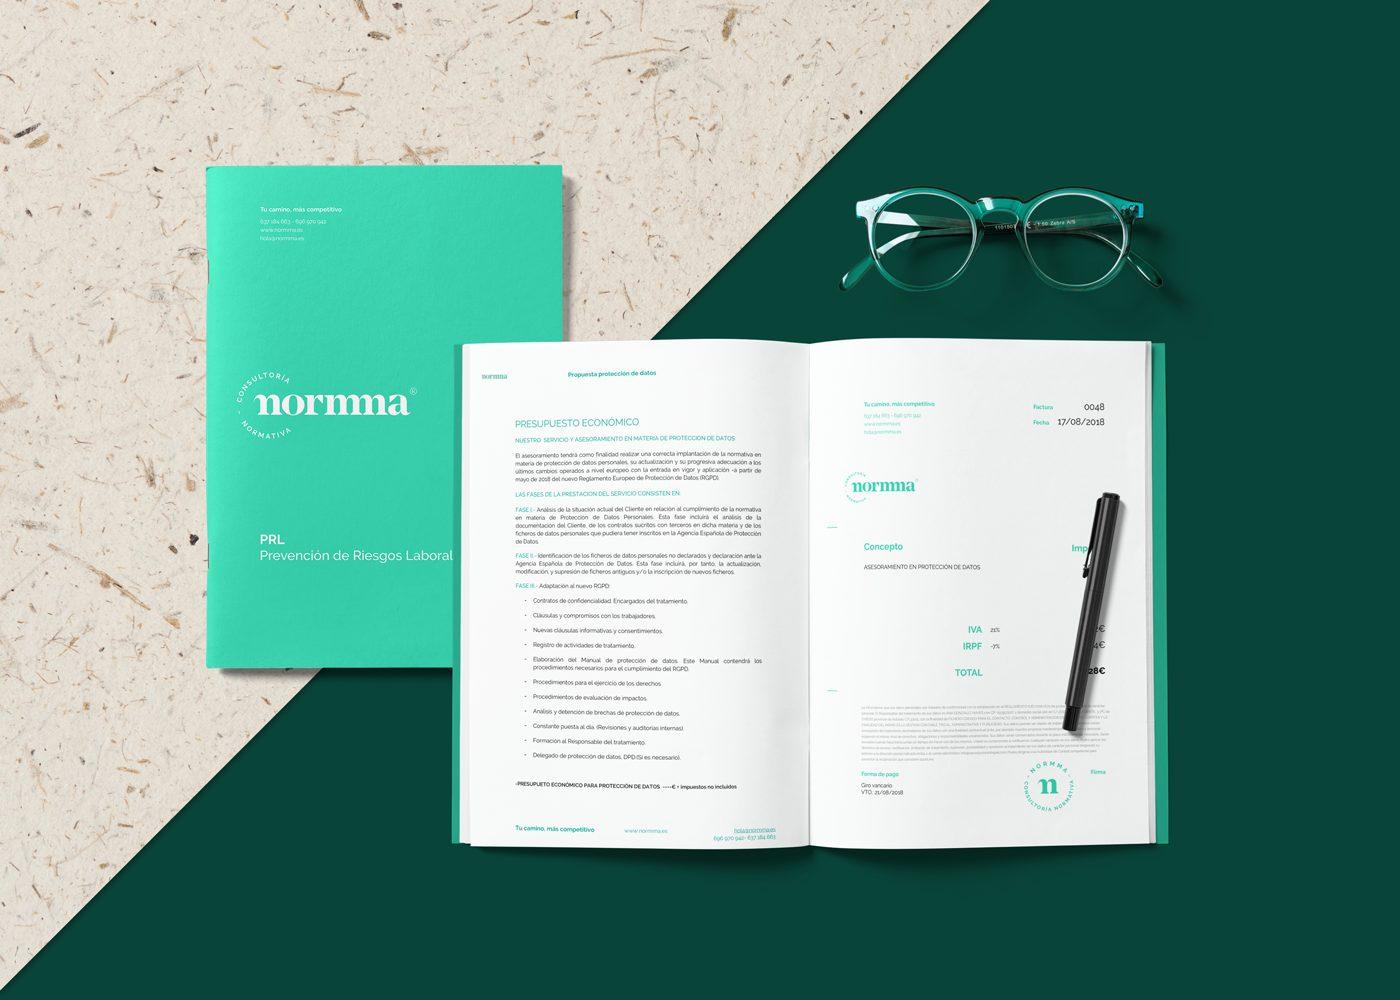 Normma documentos corporativos